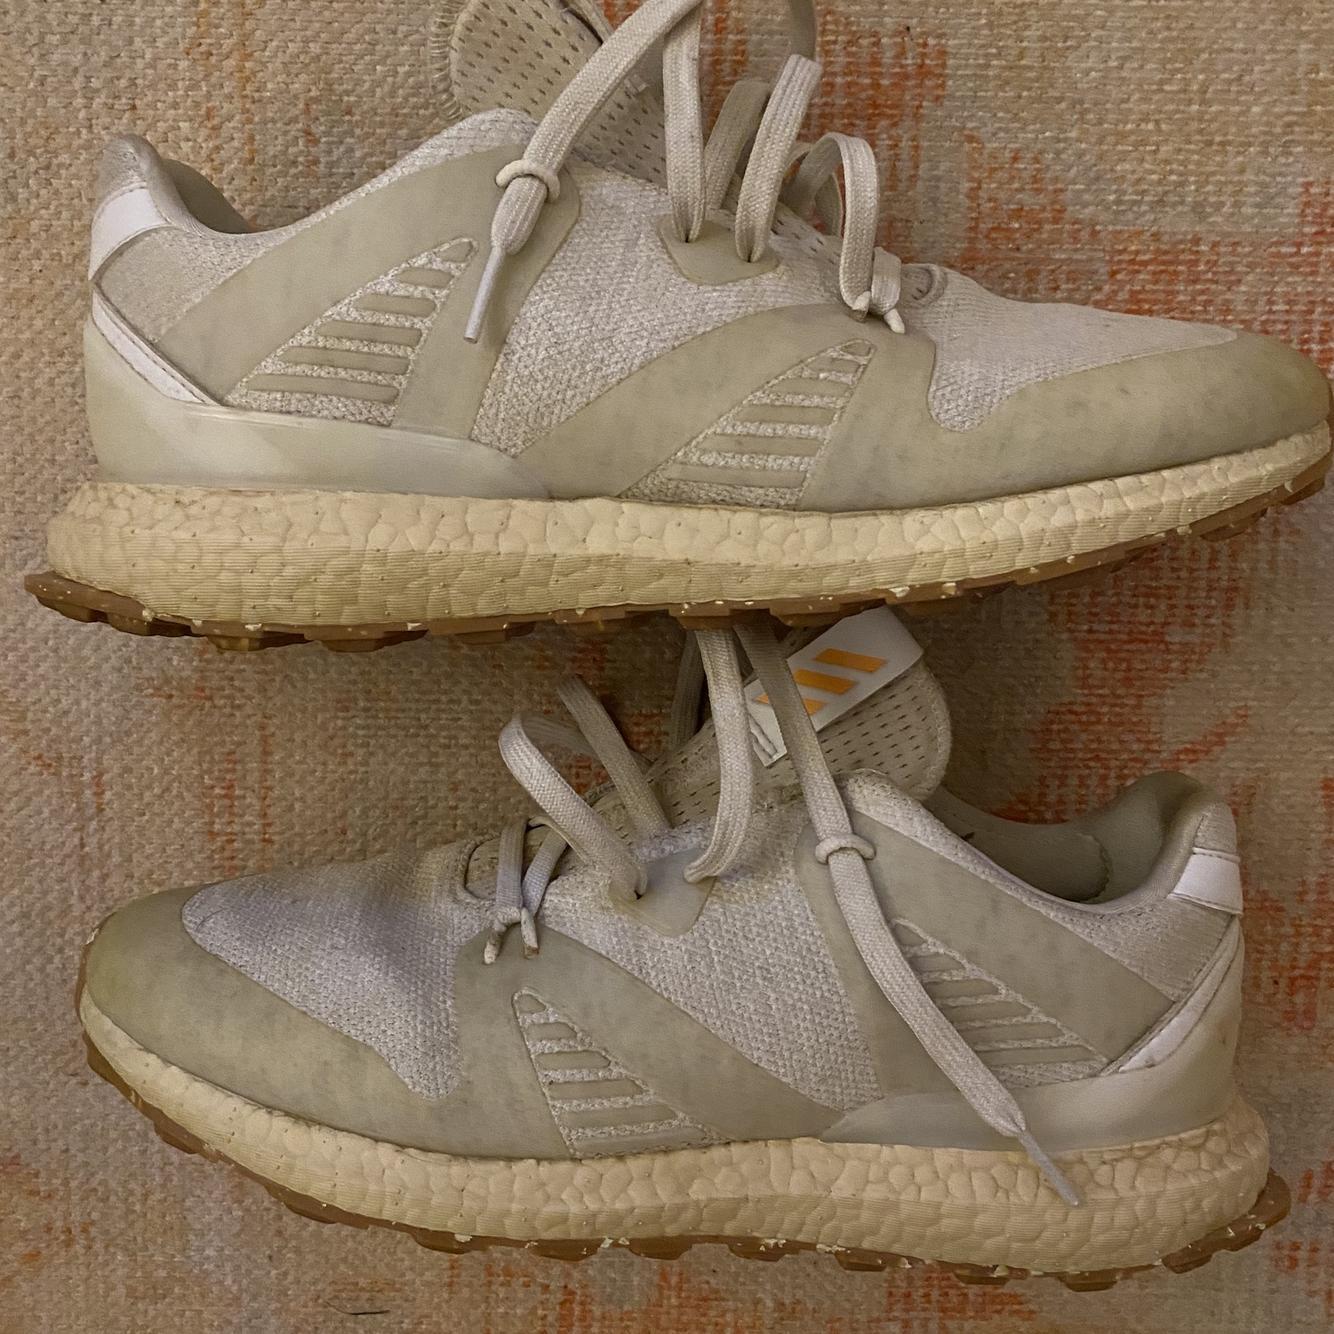 adidas georgia peach shoes